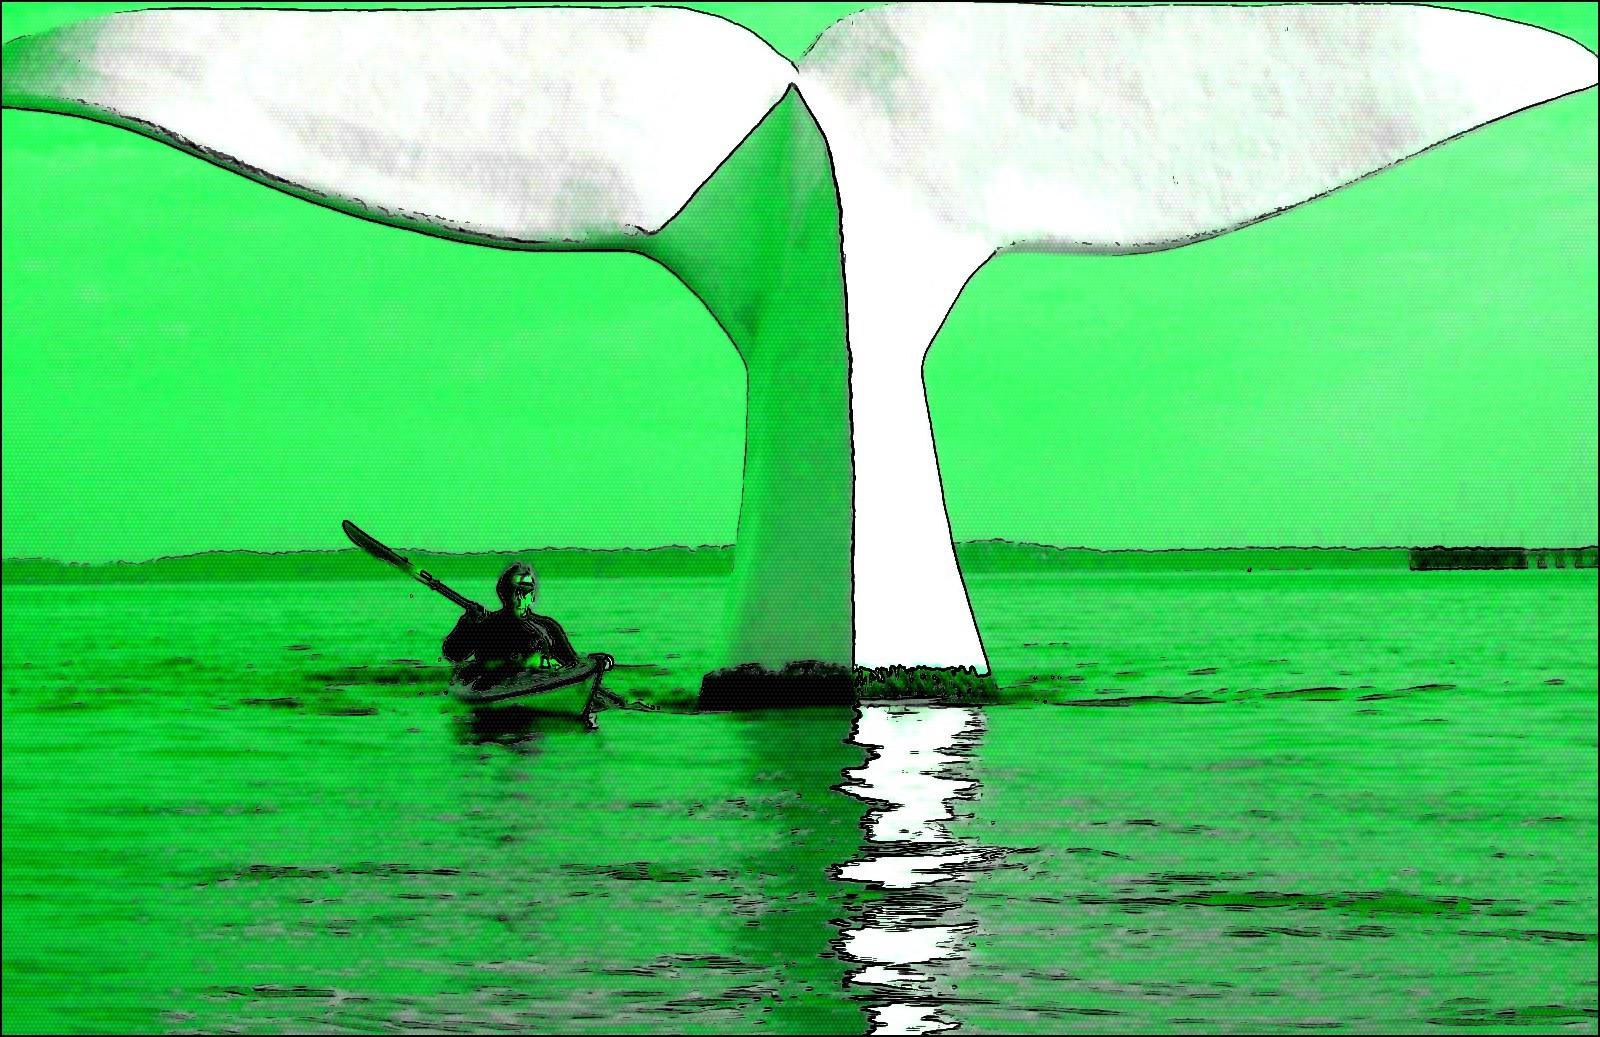 Les Balades en Kayak sur le Bassin d'Arcachon